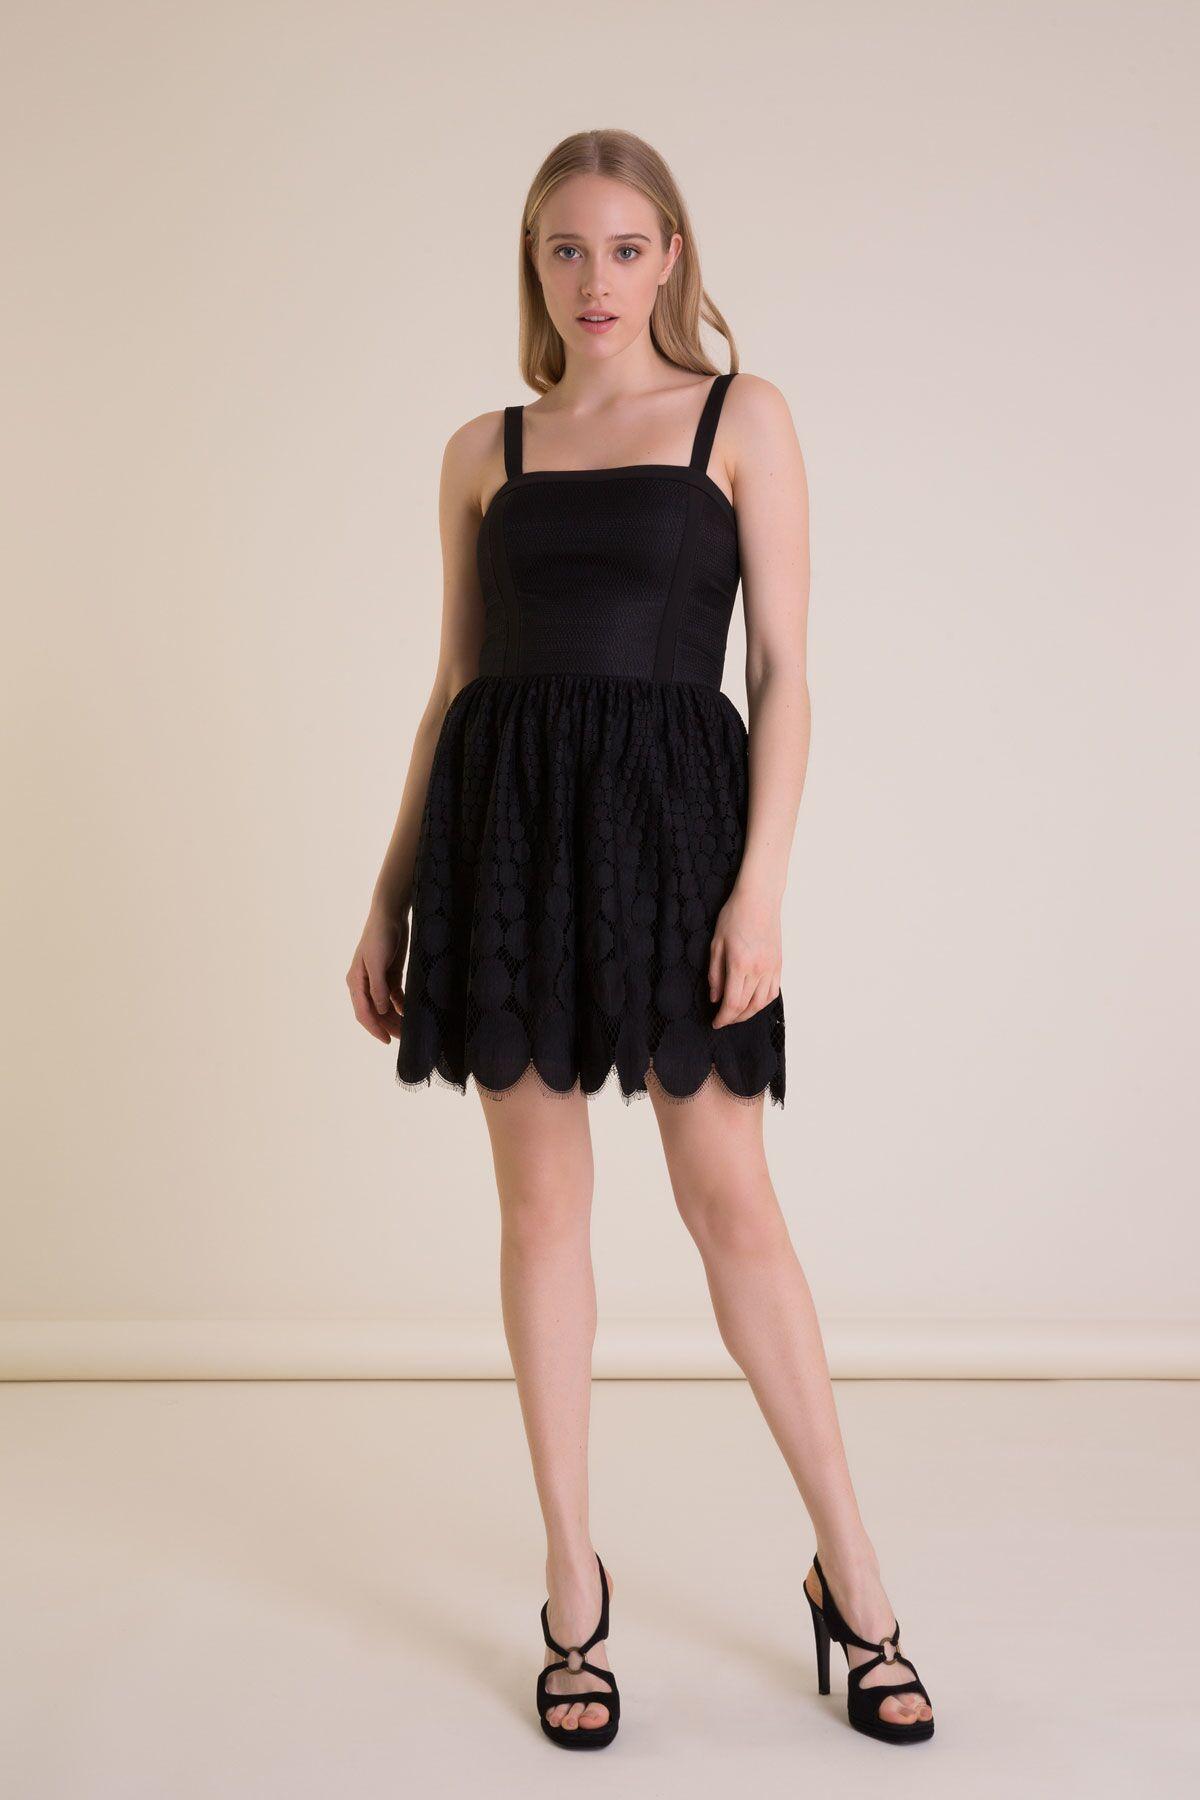 Dantel Detaylı Askılı Siyah Mini Elbise